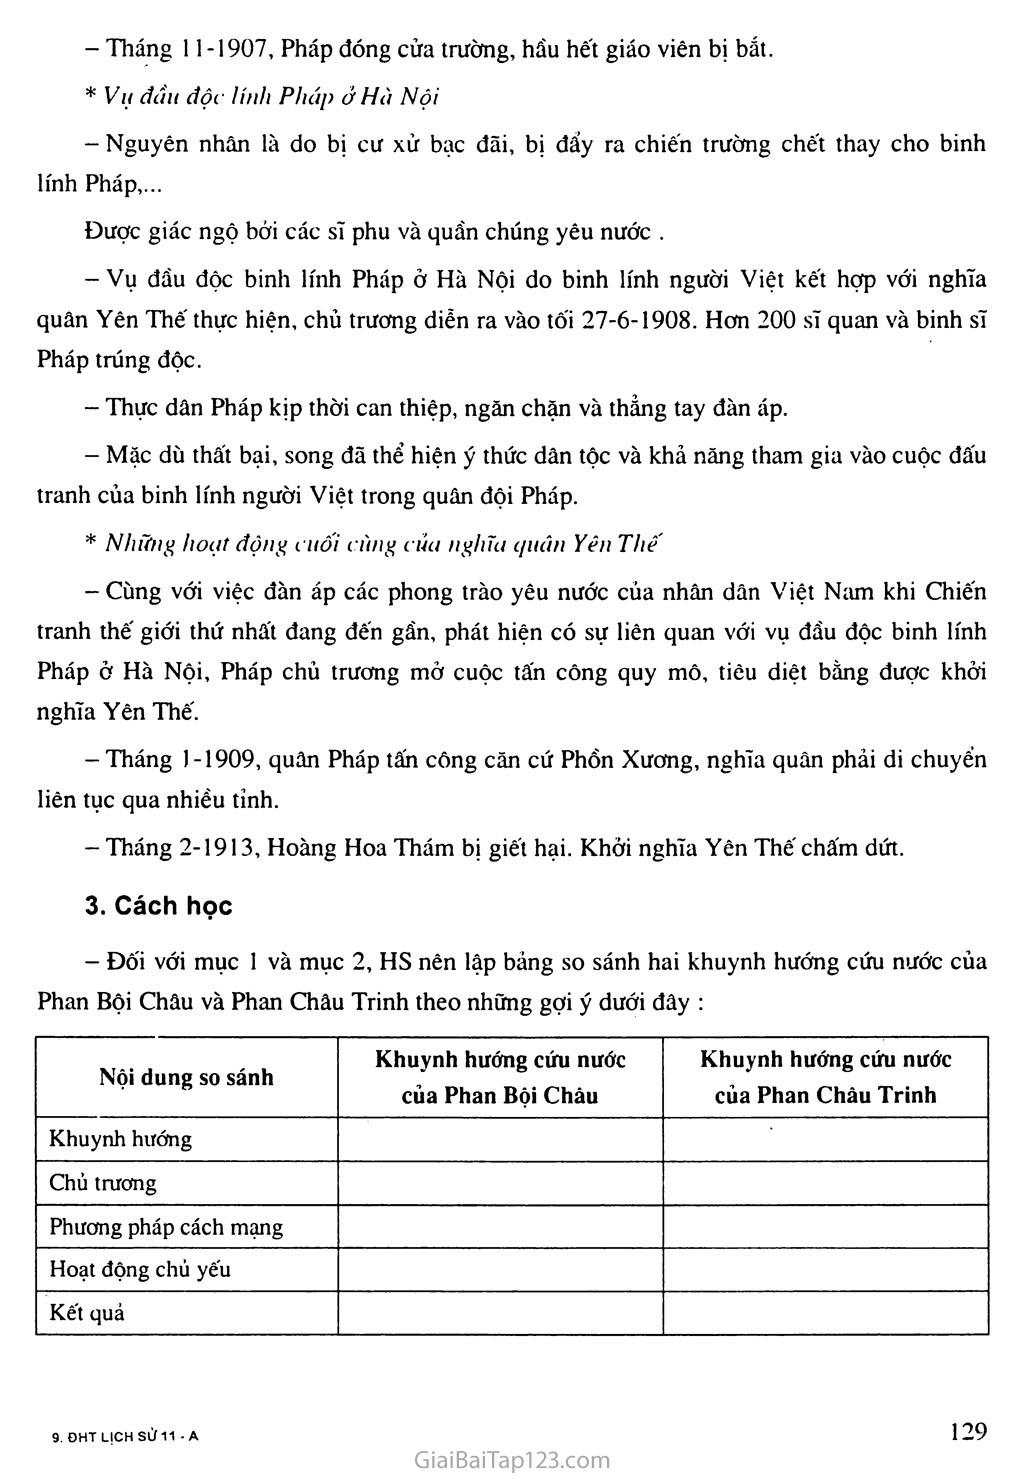 Bài 23: Phong trào yêu nước và cách mạng ở Việt Nam từ đầu thế kỷ XX đến chiến tranh thế giới thứ nhất (1914) trang 3